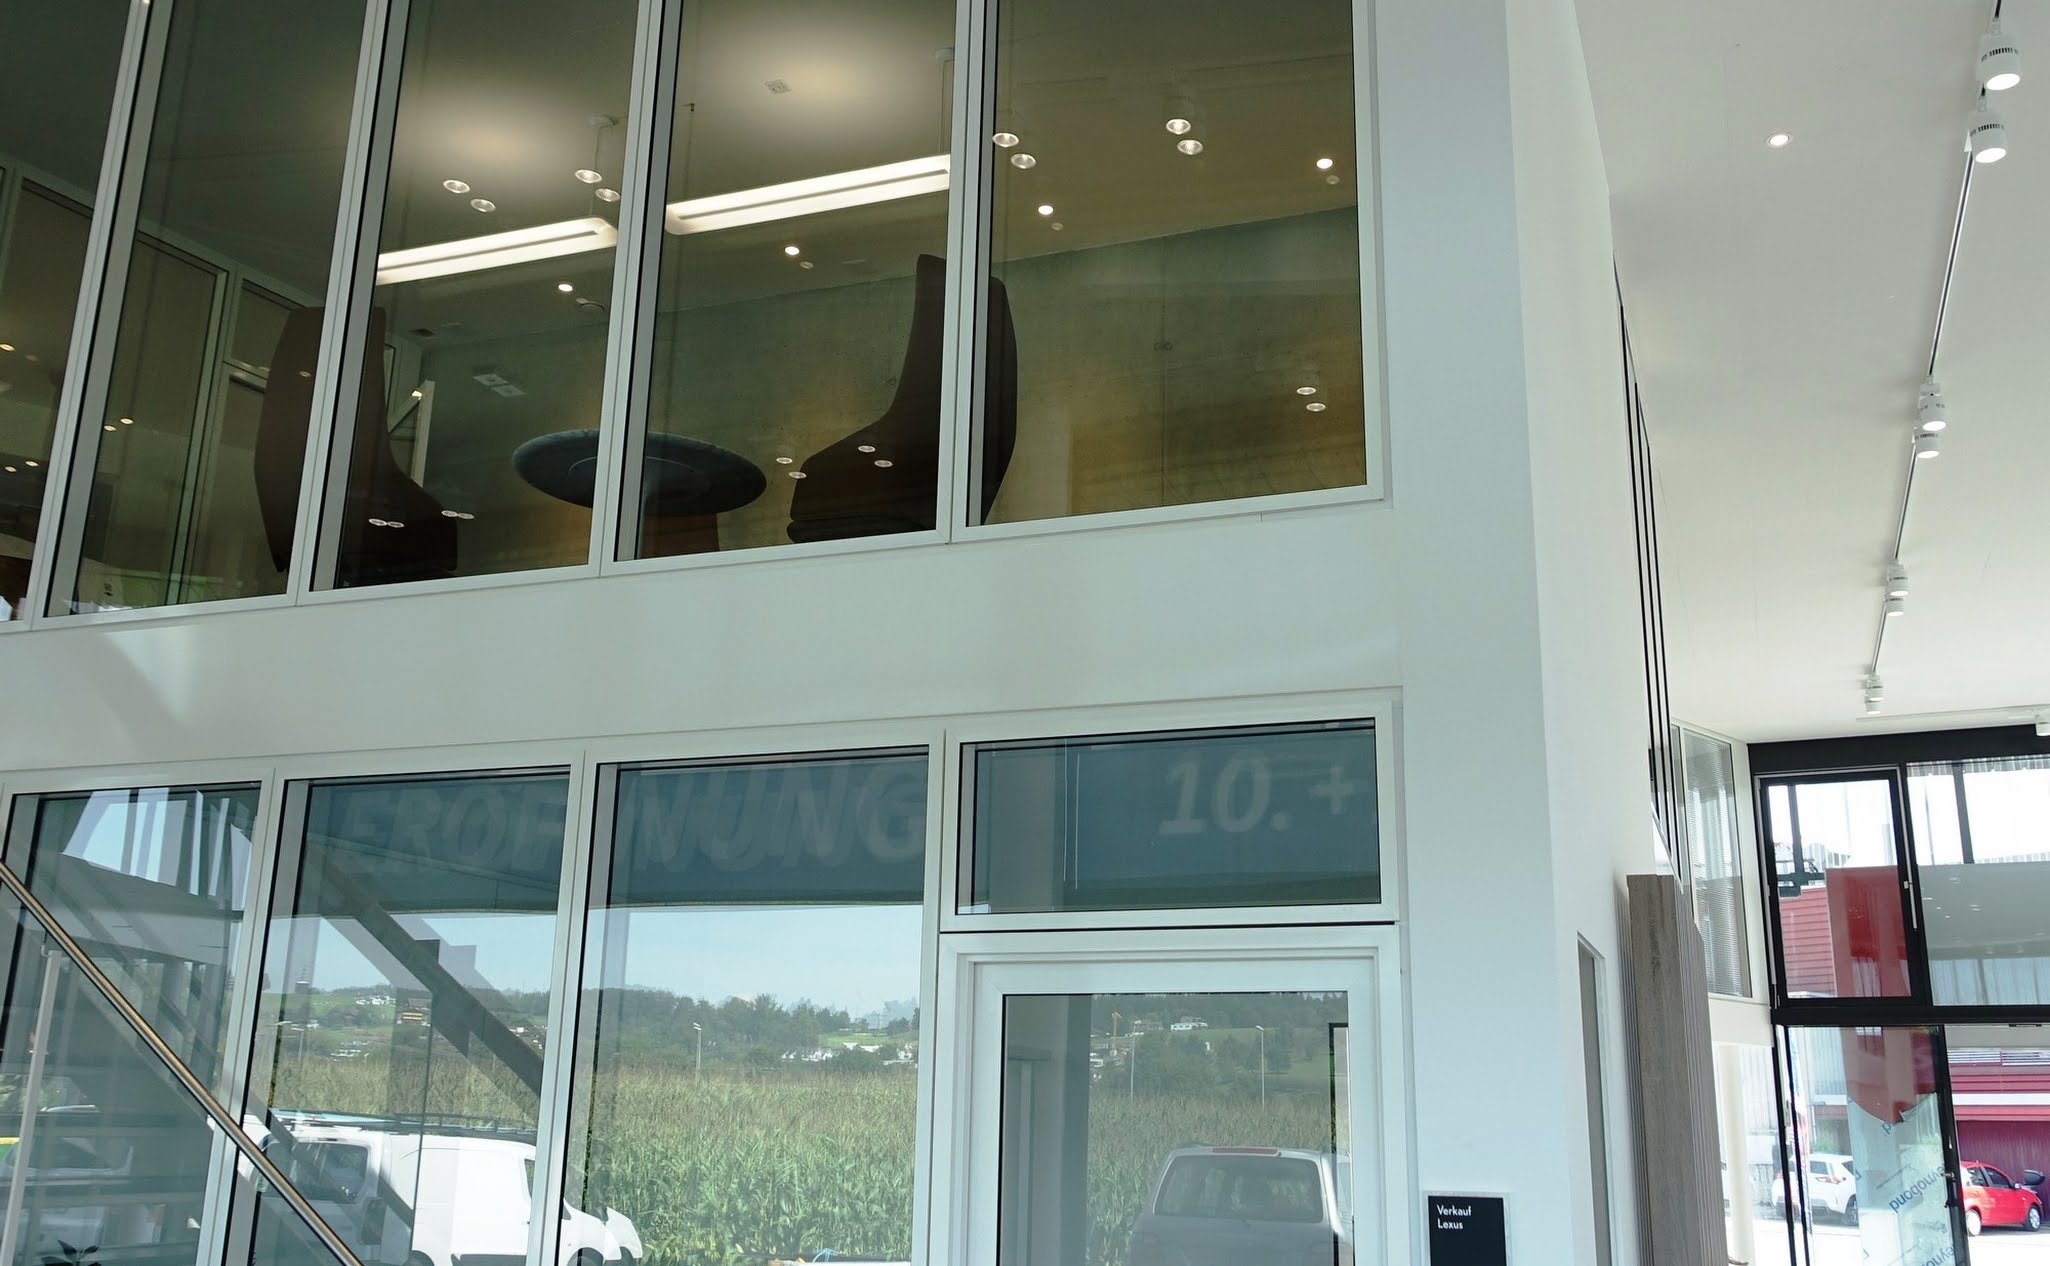 NovaFlex - Bürotrennwand,Reichlin Garage AG,Deckensystem-Wandsysteme,Trennwände Büro,Ganzglaswände,Bürotrennwand,Akustikdecken,Schallschutzdecken,Trennwände,Glaswände,Faltwände,Raumgestaltung,Trennwand Systeme